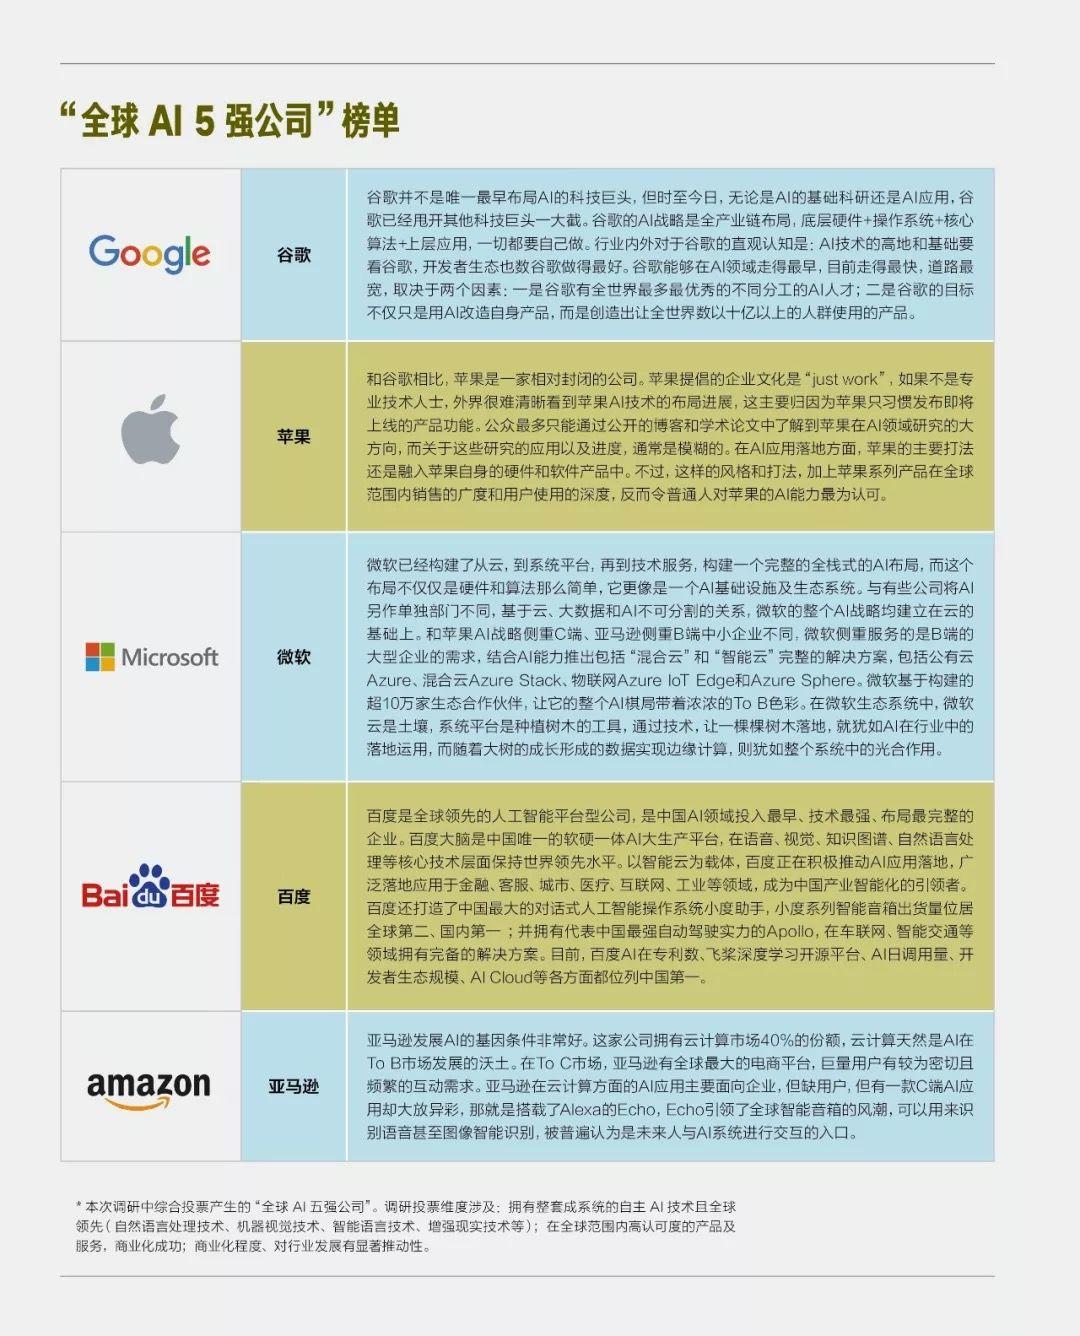 百度Q4財報解讀:穩坐全球AI第一陣營,AI如何釋放更大的能量